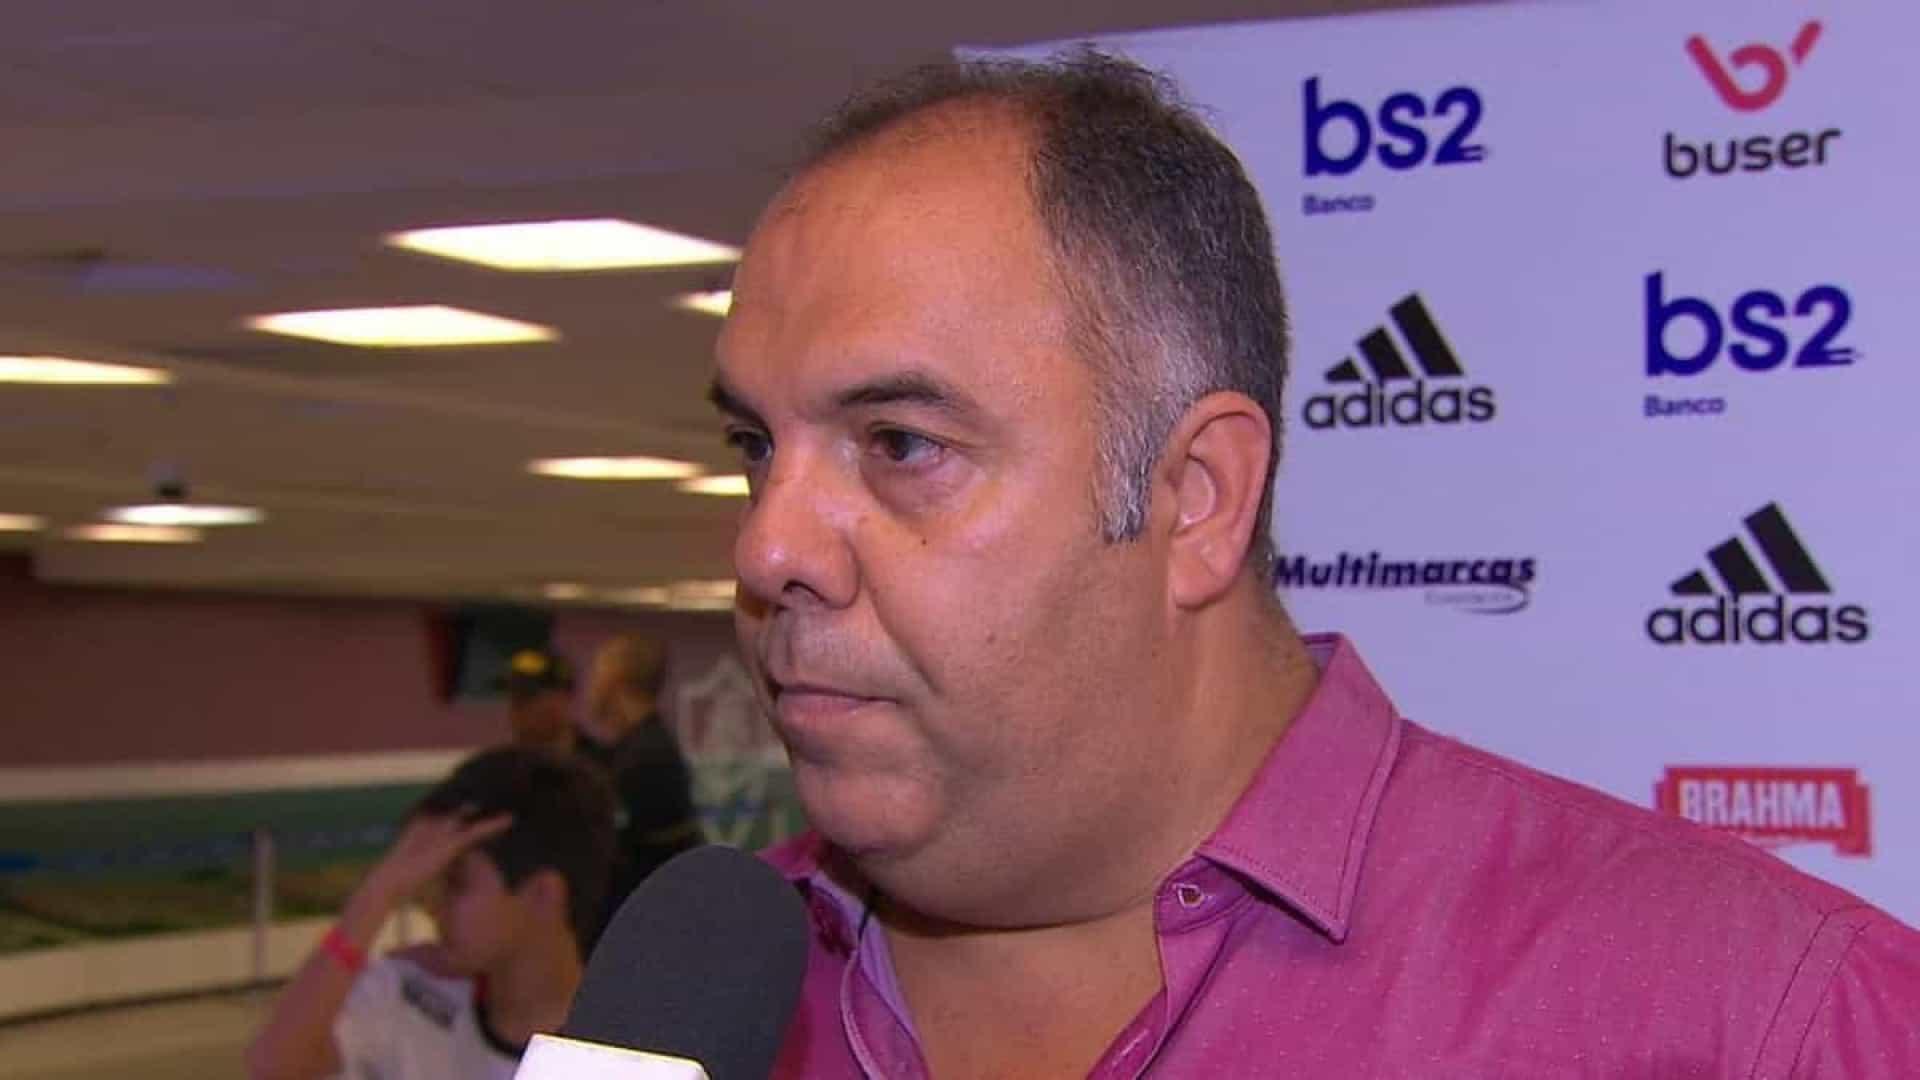 naom 5e15d8a3eb683 - Flamengo começa atividades de 2020 com brigas internas na diretoria